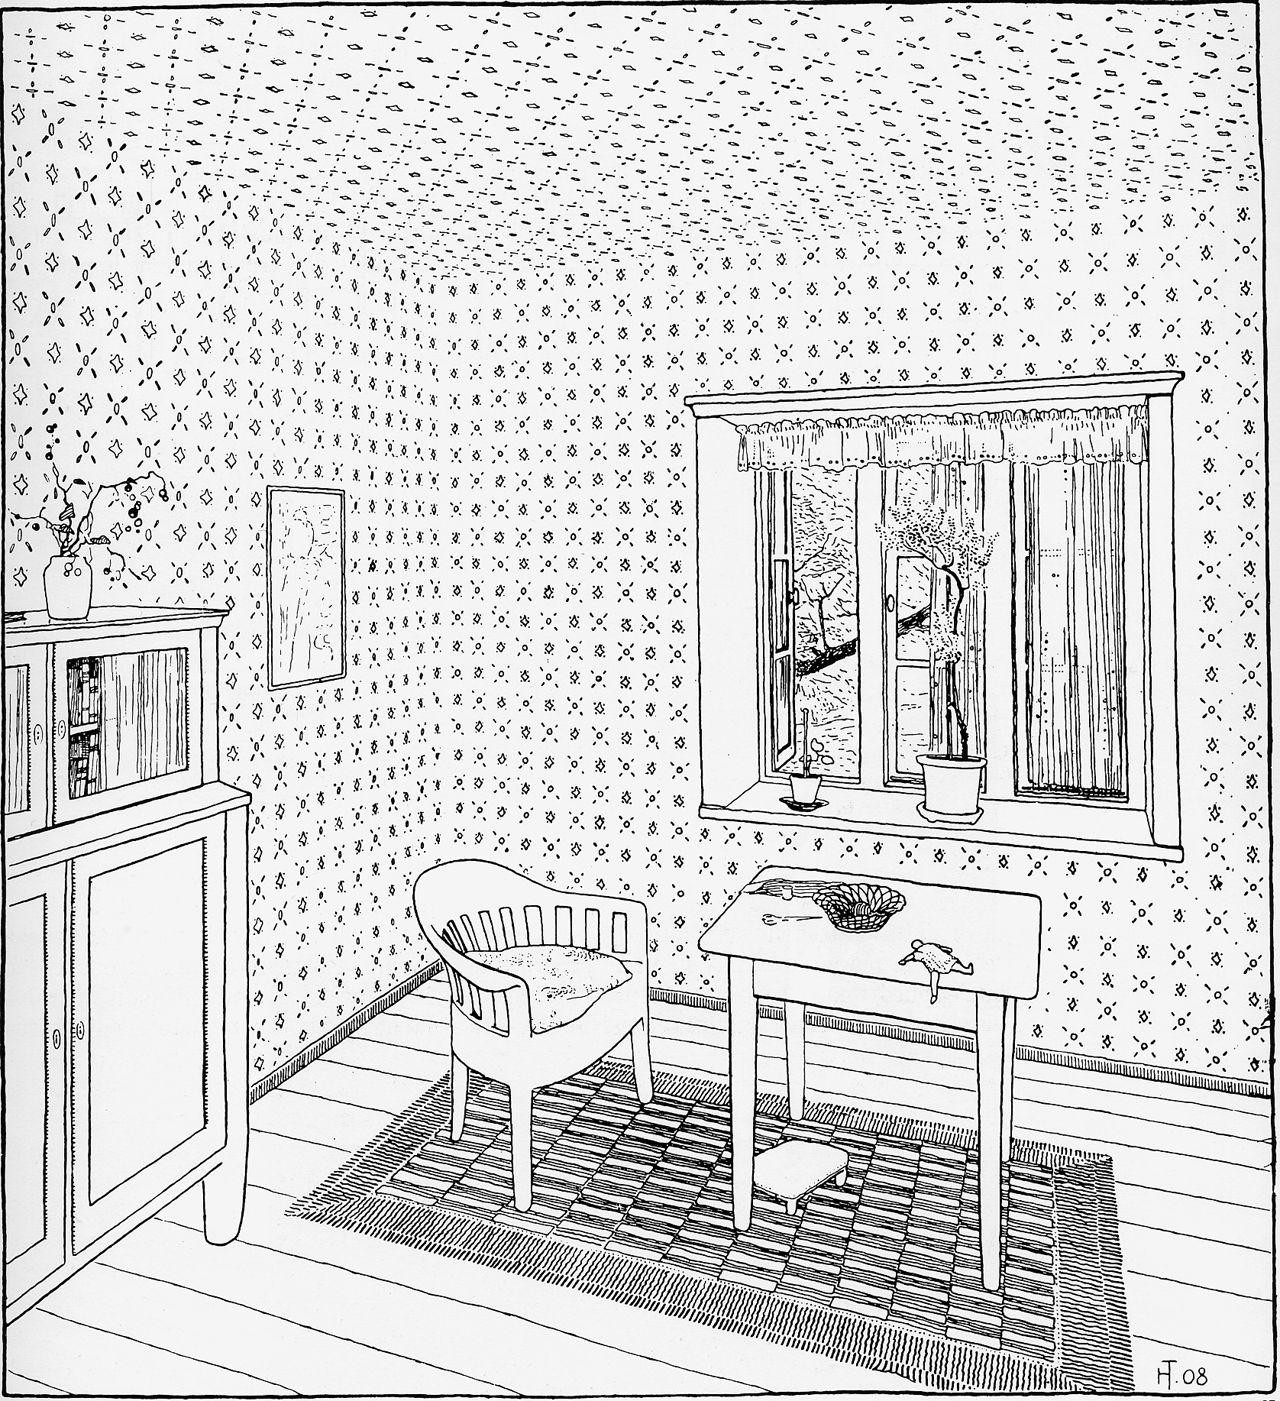 epfl lapis archives de l 39 imaginaire tessenow drawings pinterest dessin architecture et. Black Bedroom Furniture Sets. Home Design Ideas